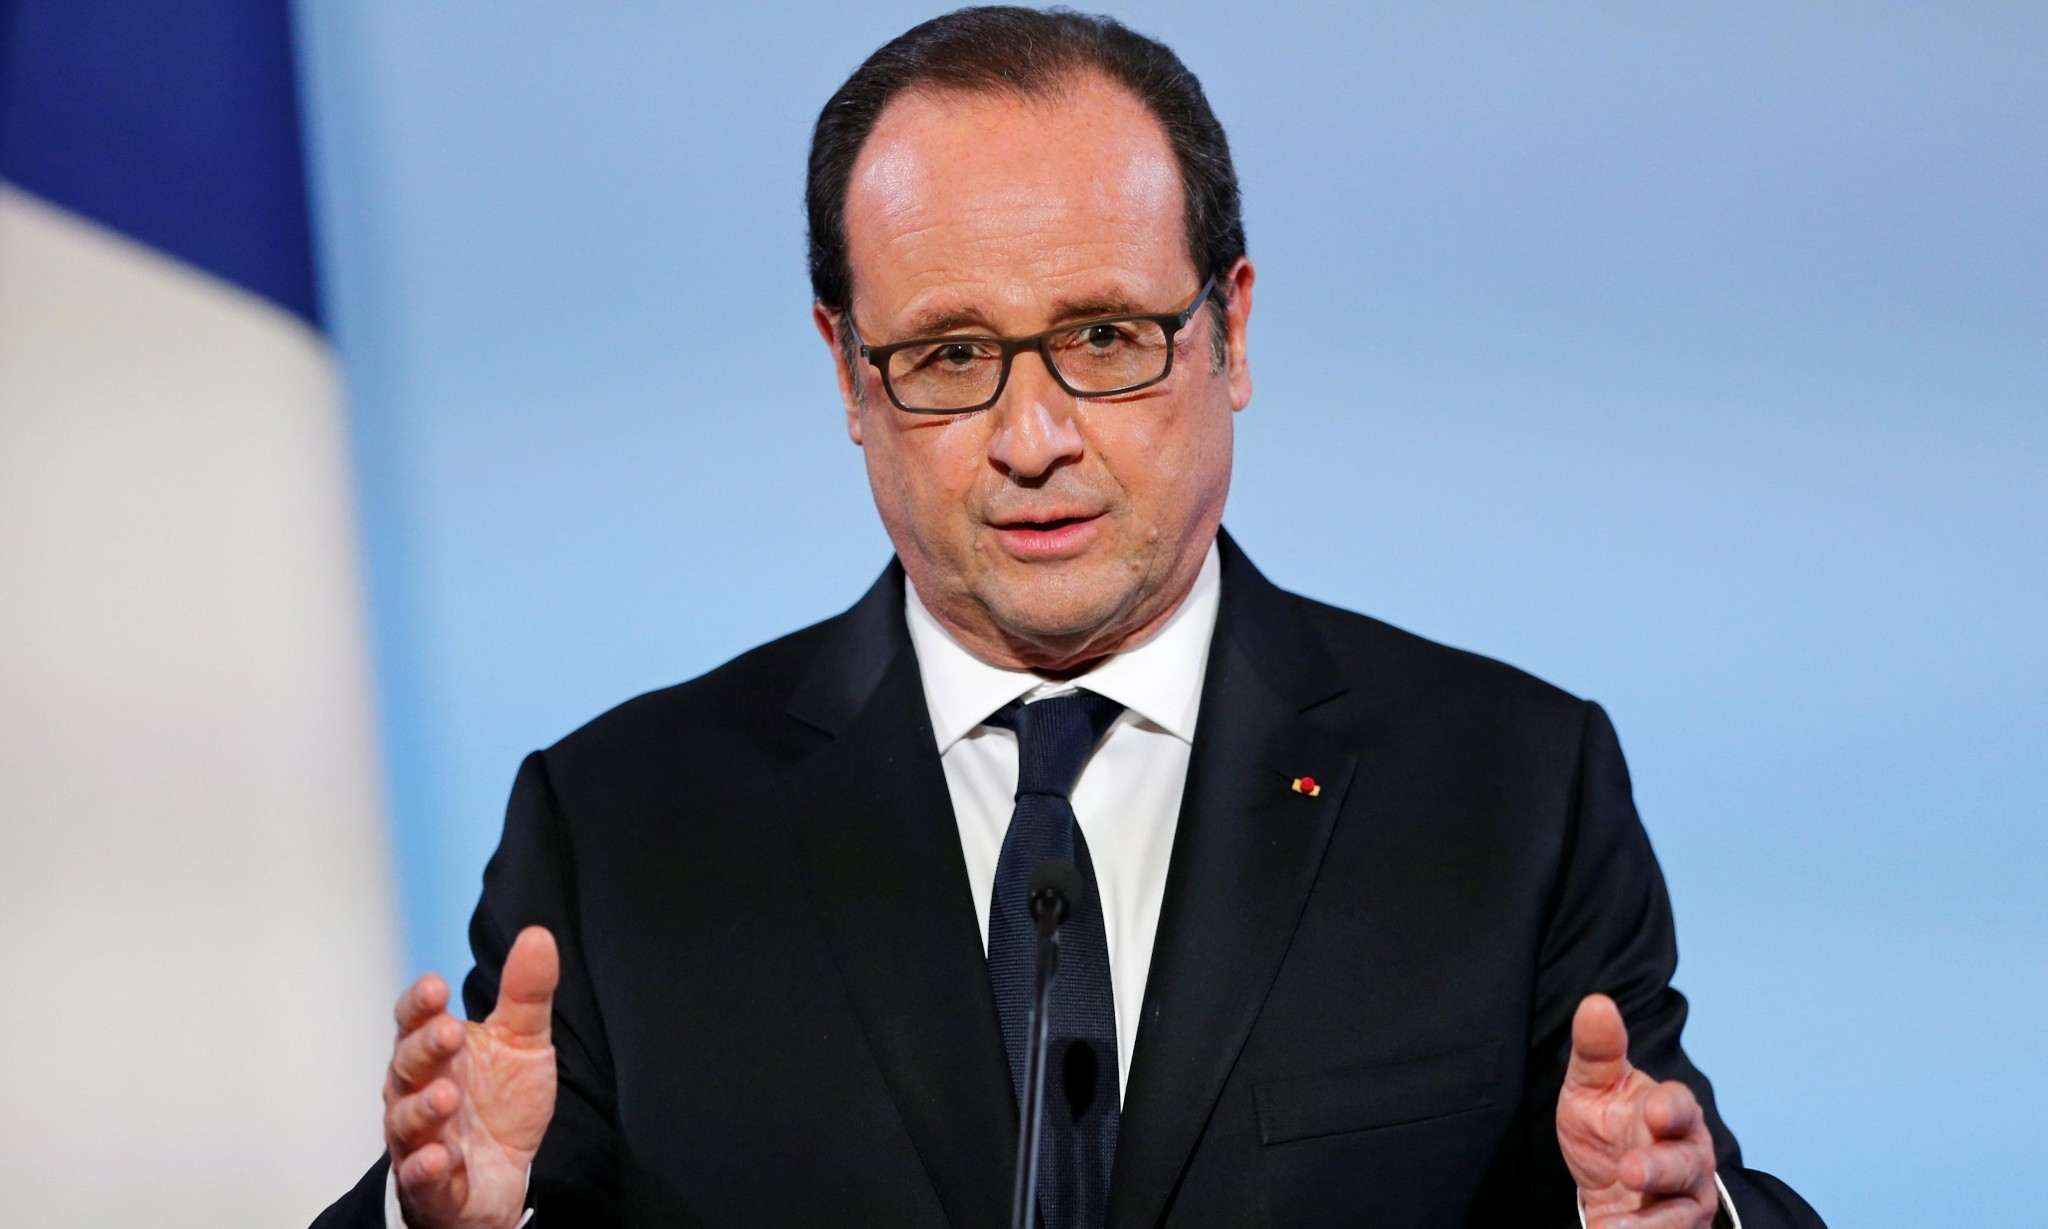 François Hollande pardons woman for murder of husband